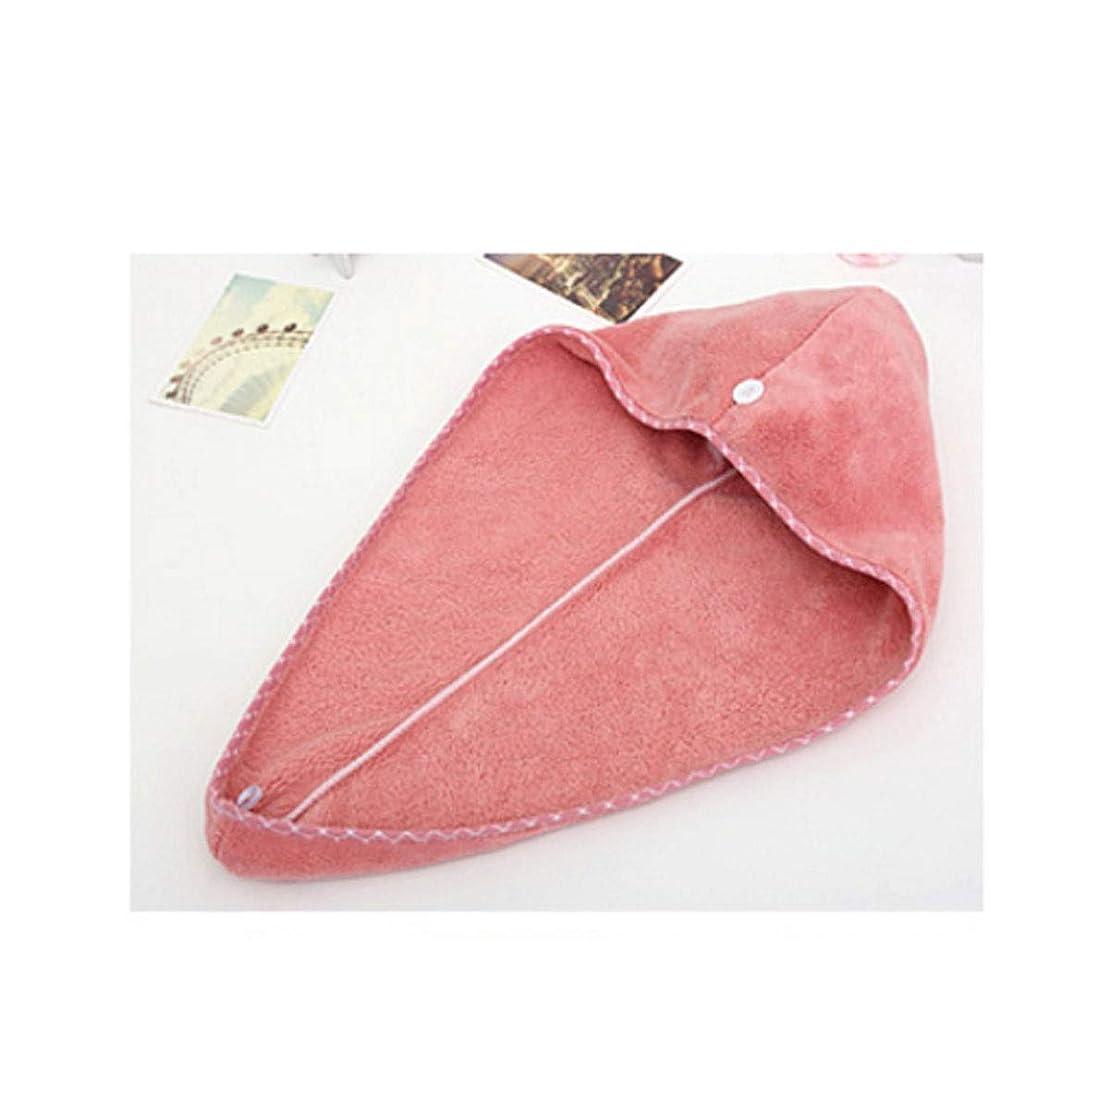 モネ再撮り完璧HENGTONGTONGXUN シャワーキャップ、乾いた髪のキャップの女性、吸収性と速乾性のヘアタオル、包頭、ロングヘアかわいいシャワーキャップ、63 * 25 cm(平らにされた) (Color : Pink)